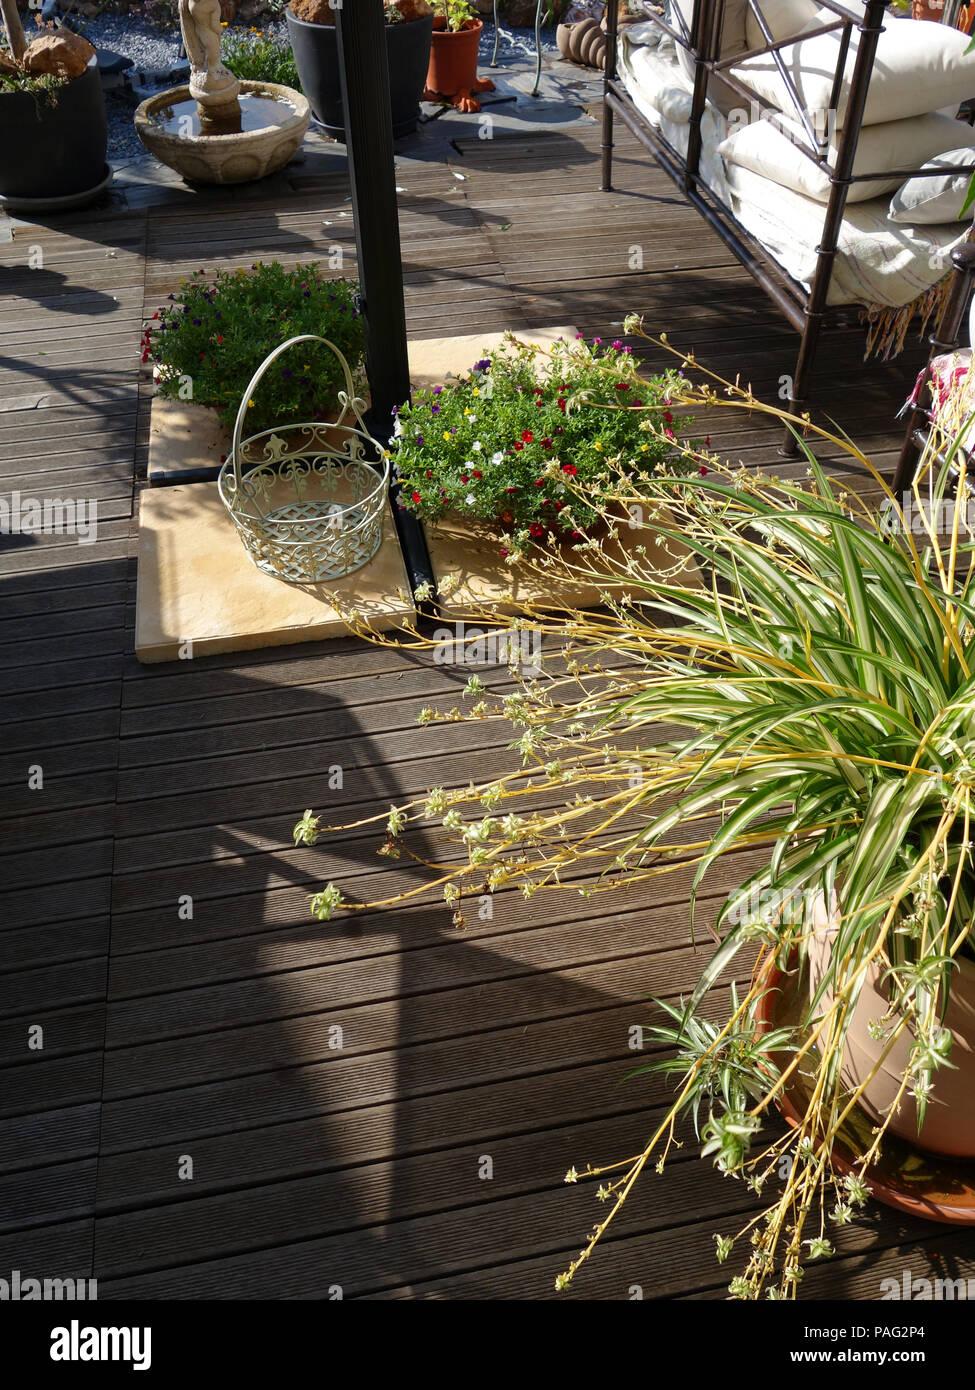 Avvicinare la vista del cortile e il terrazzo di un meraviglioso francese Casa privata nei pressi di Magalas nella région Languedoc-Roussillon, Francia Immagini Stock